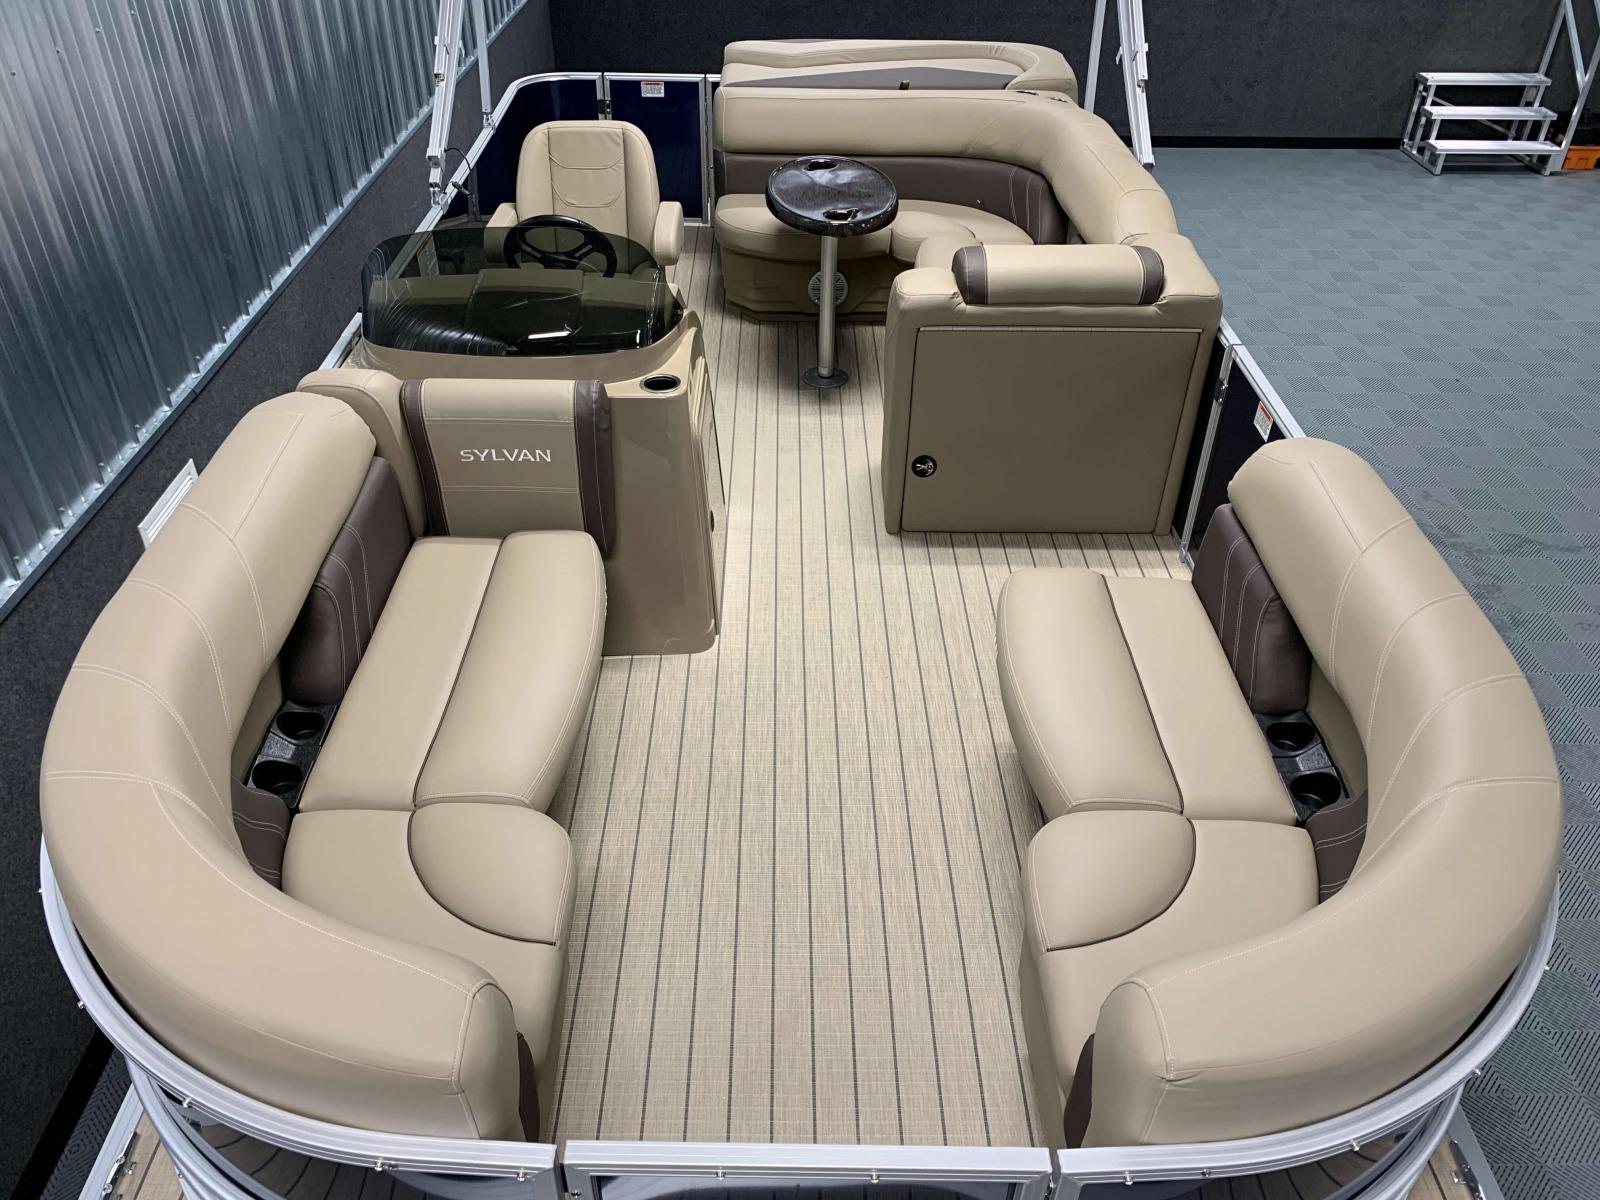 2020-Sylvan-Mirage-820-Cruise-Pontoon-Layout-2